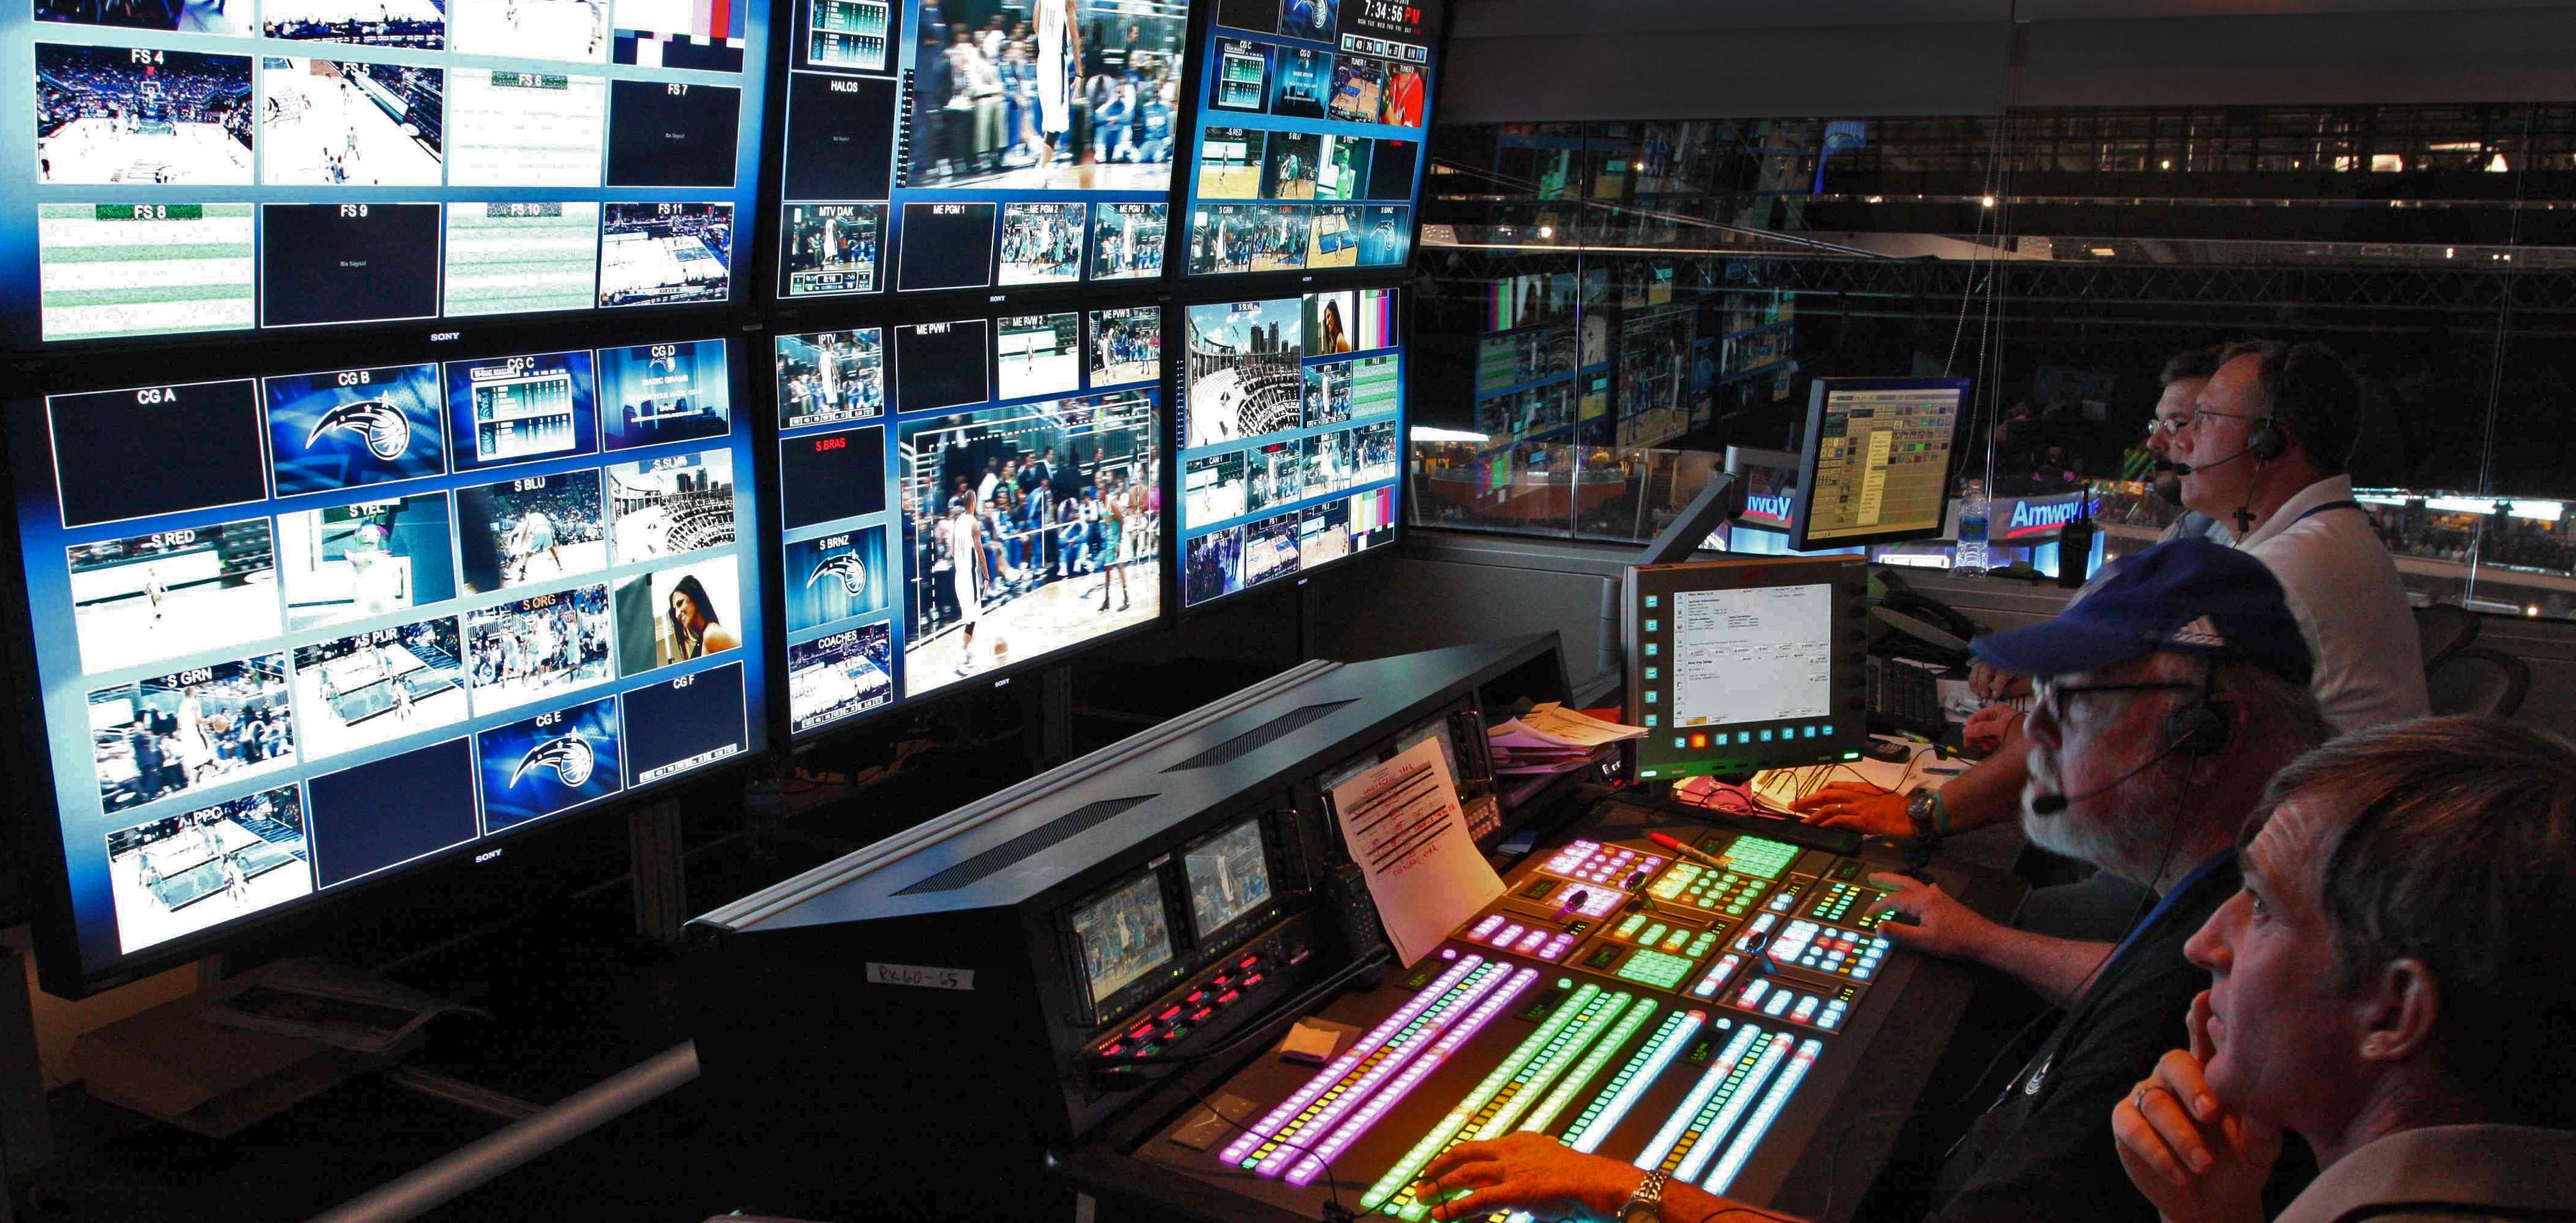 Broadcast KVM